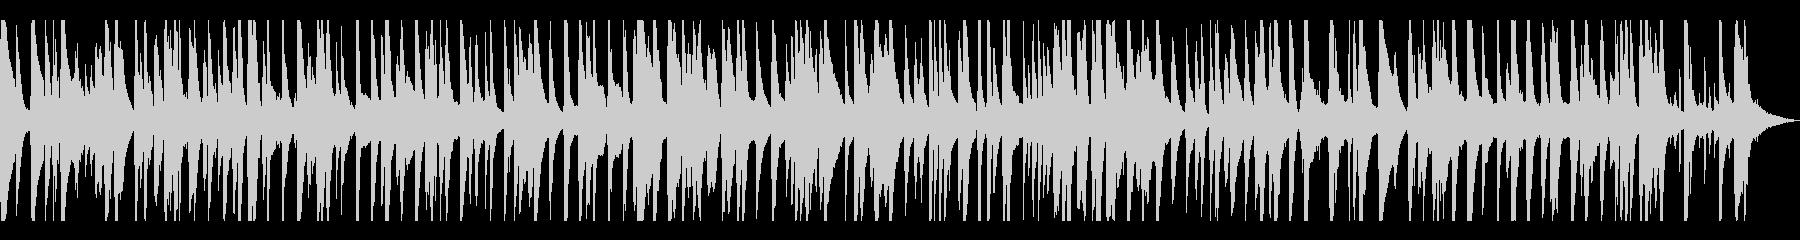 ゆったりとしてお洒落なジャズピアノトリオの未再生の波形